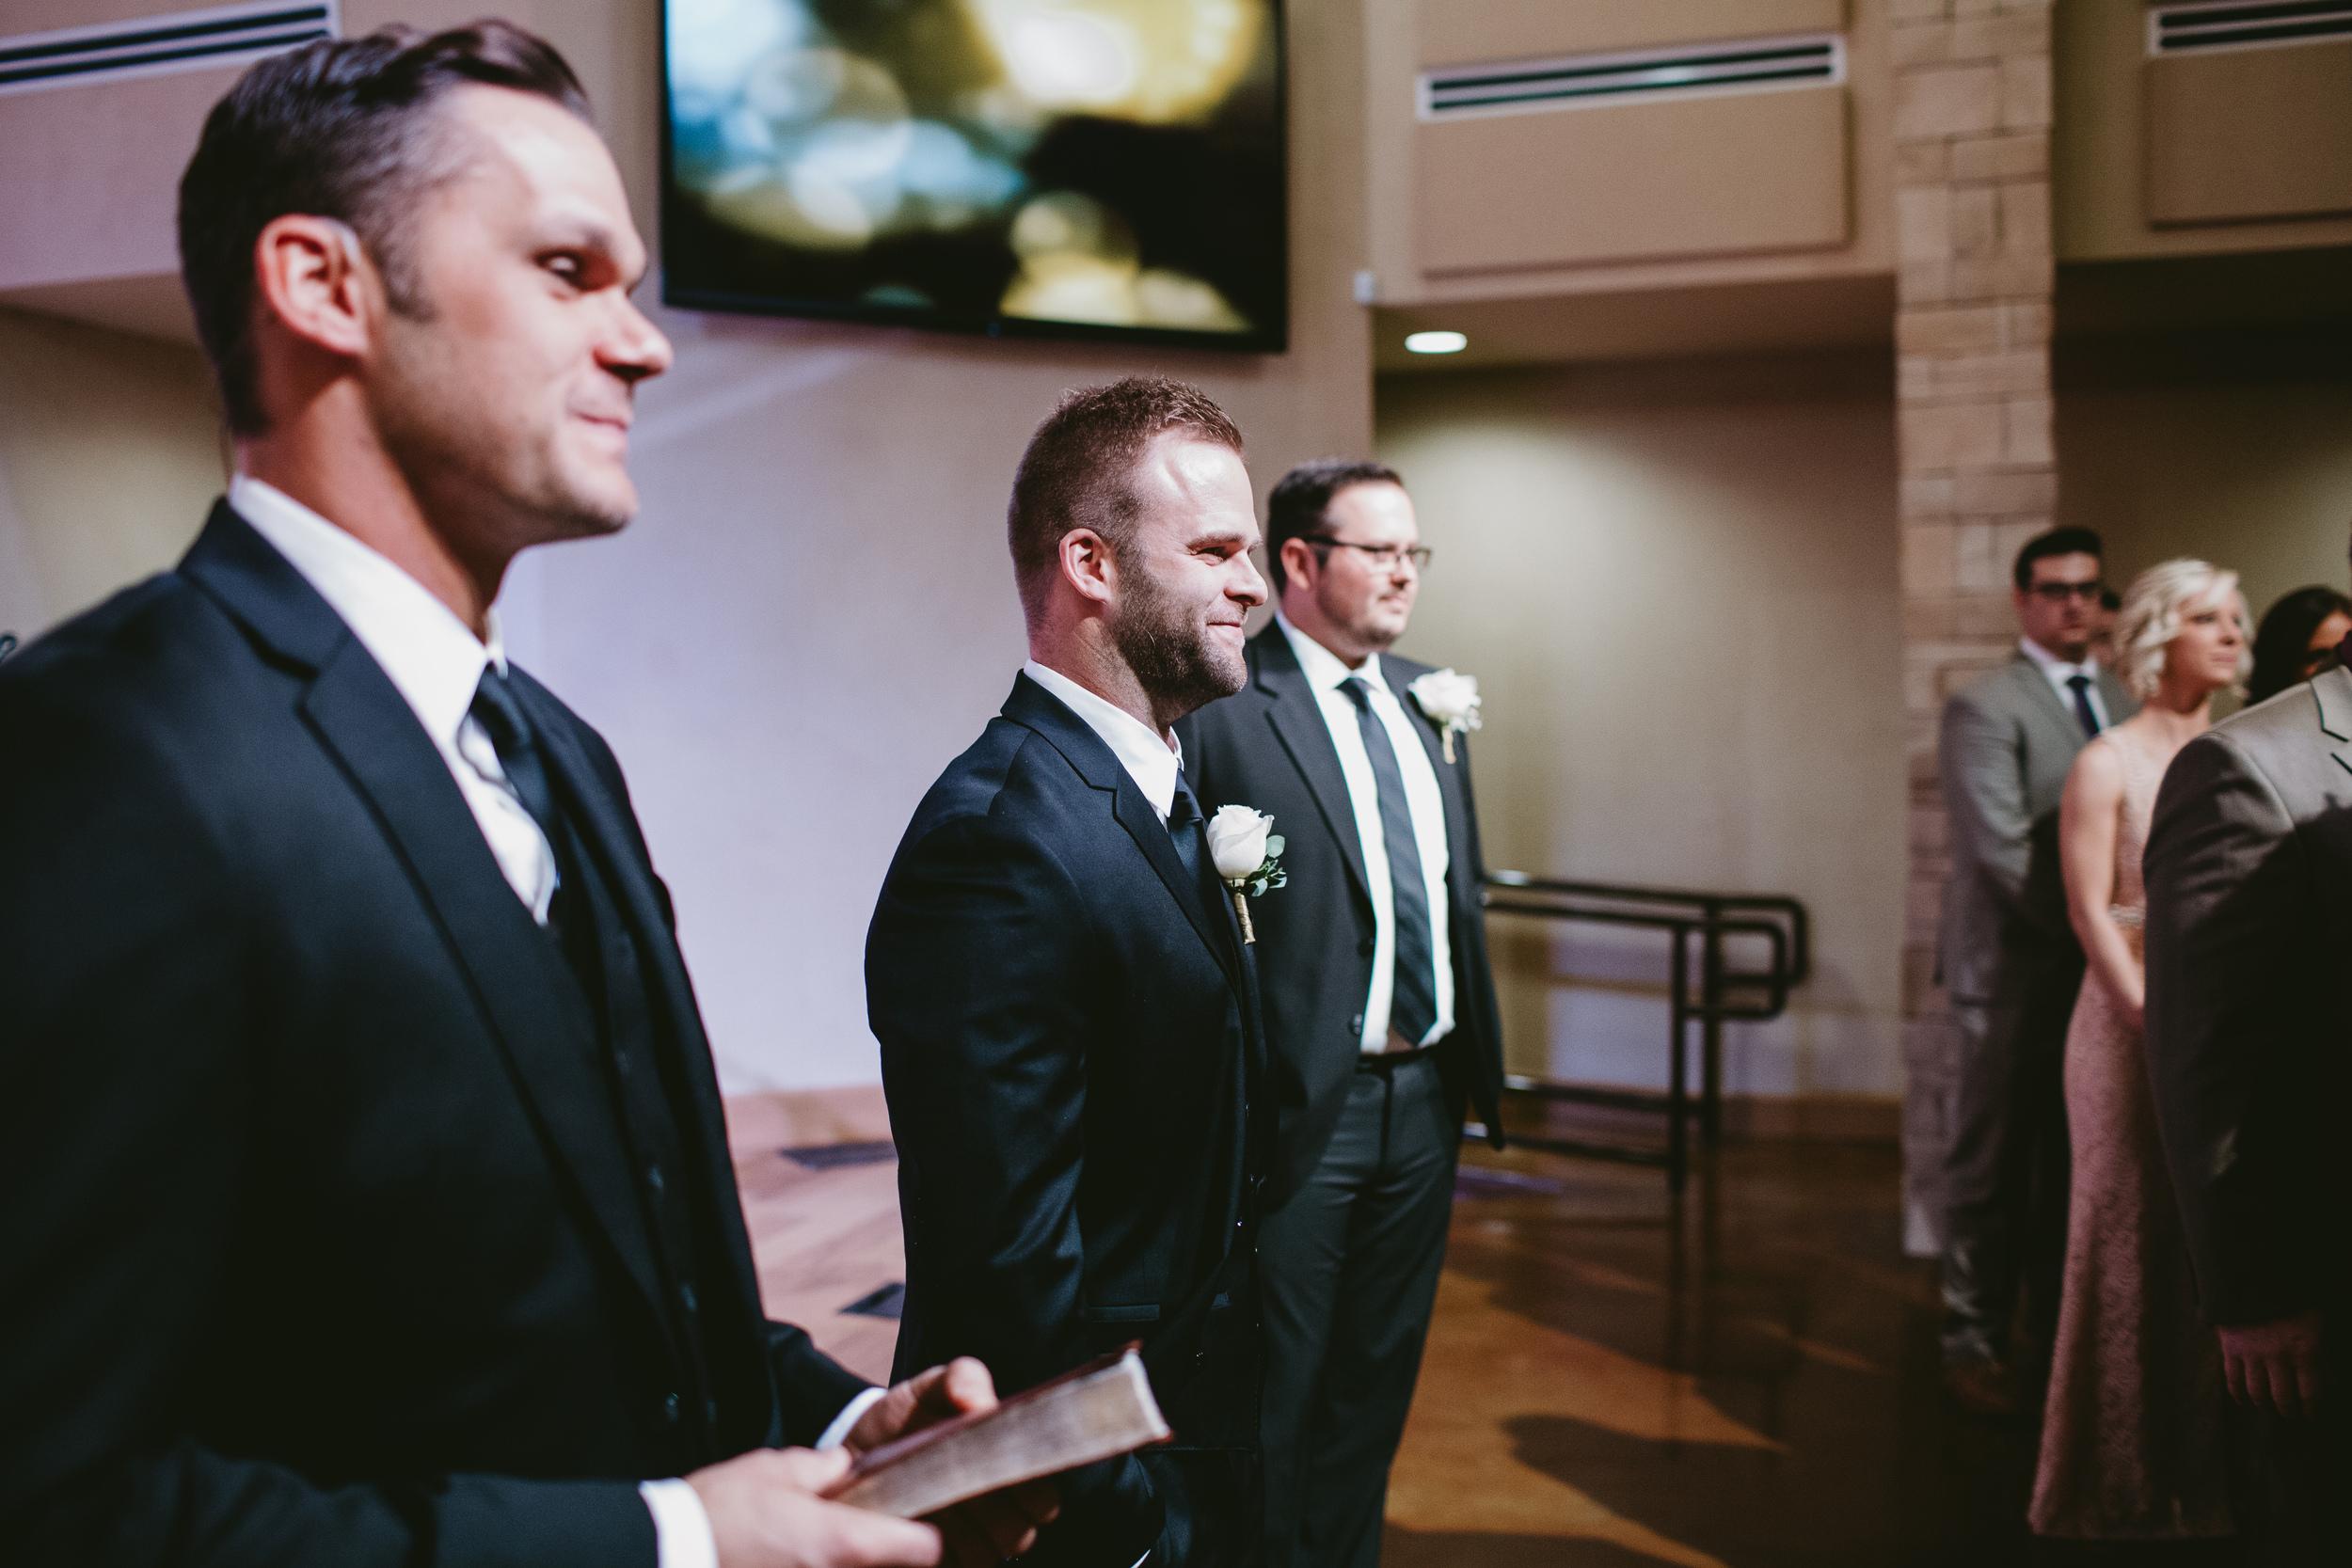 groom sees bride walking down aisle